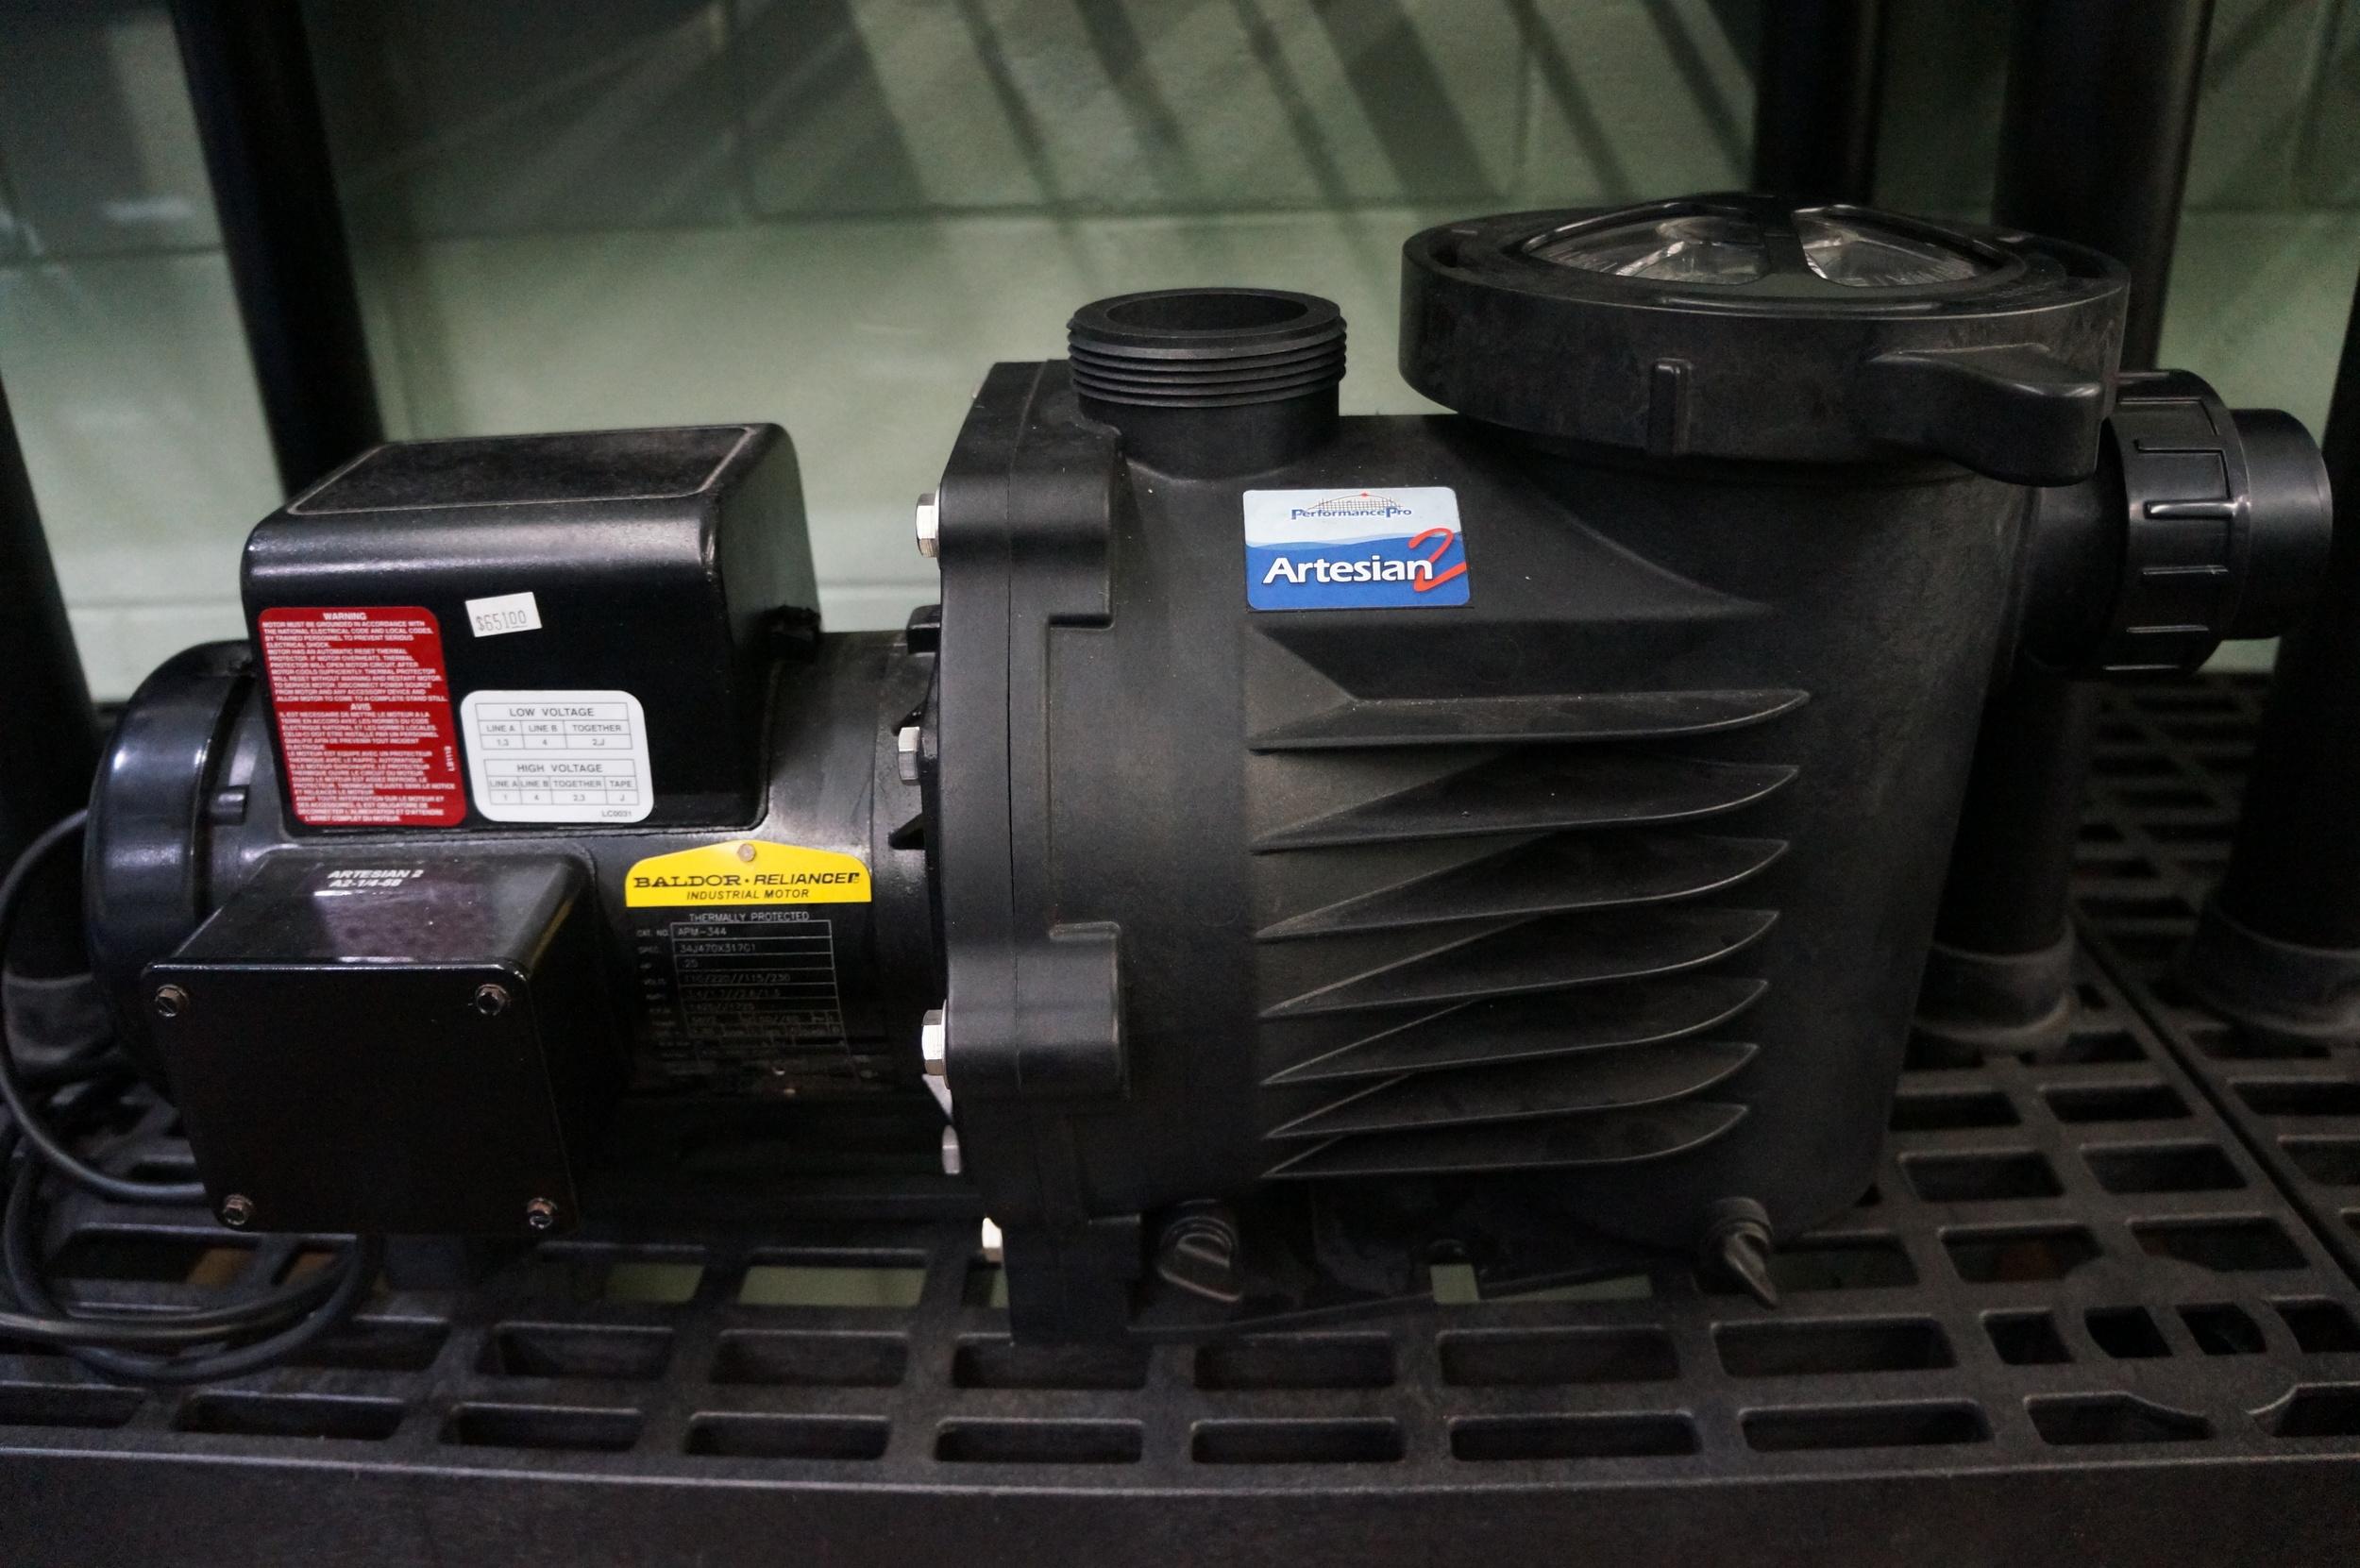 Artesian Pump: 1/8 HP, 1/4 HP, 1/2 HP